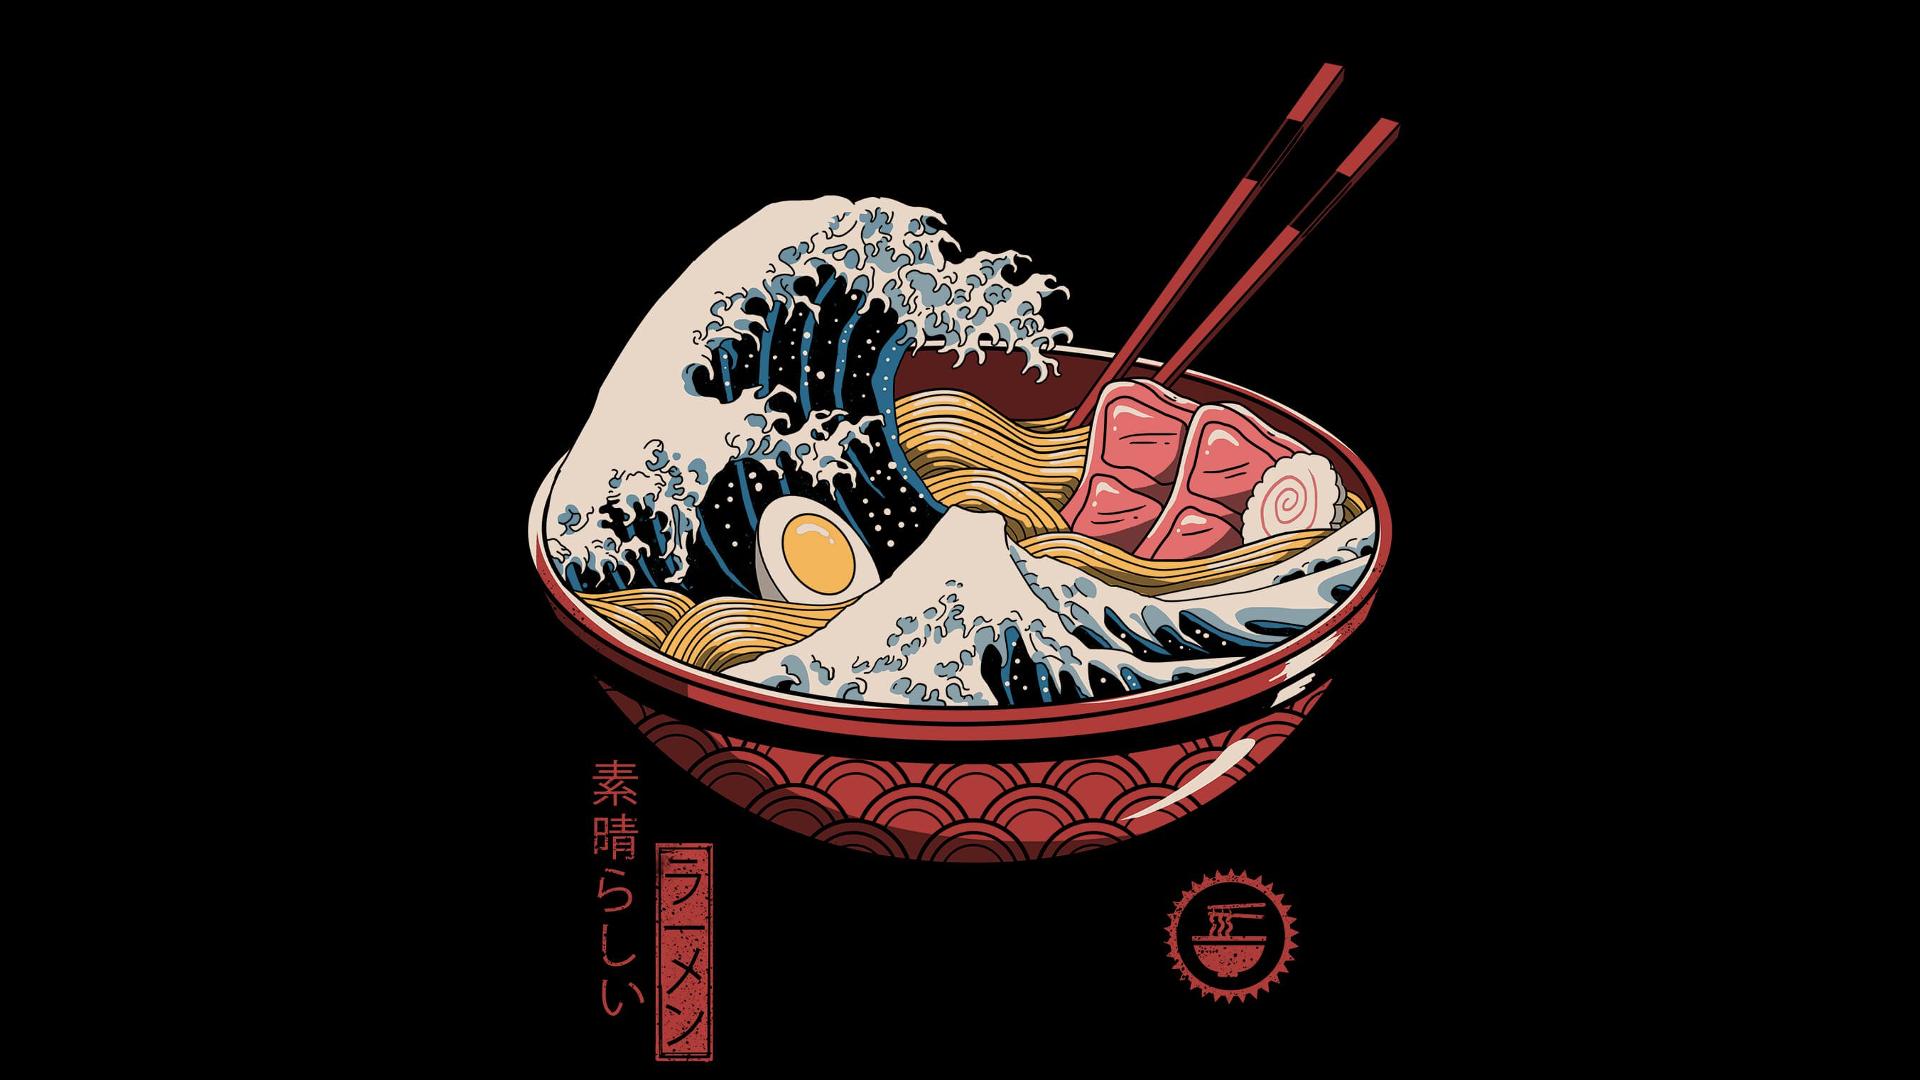 Wallpaper Ramen Waves Chopstick Chopsticks Eggs Japanese